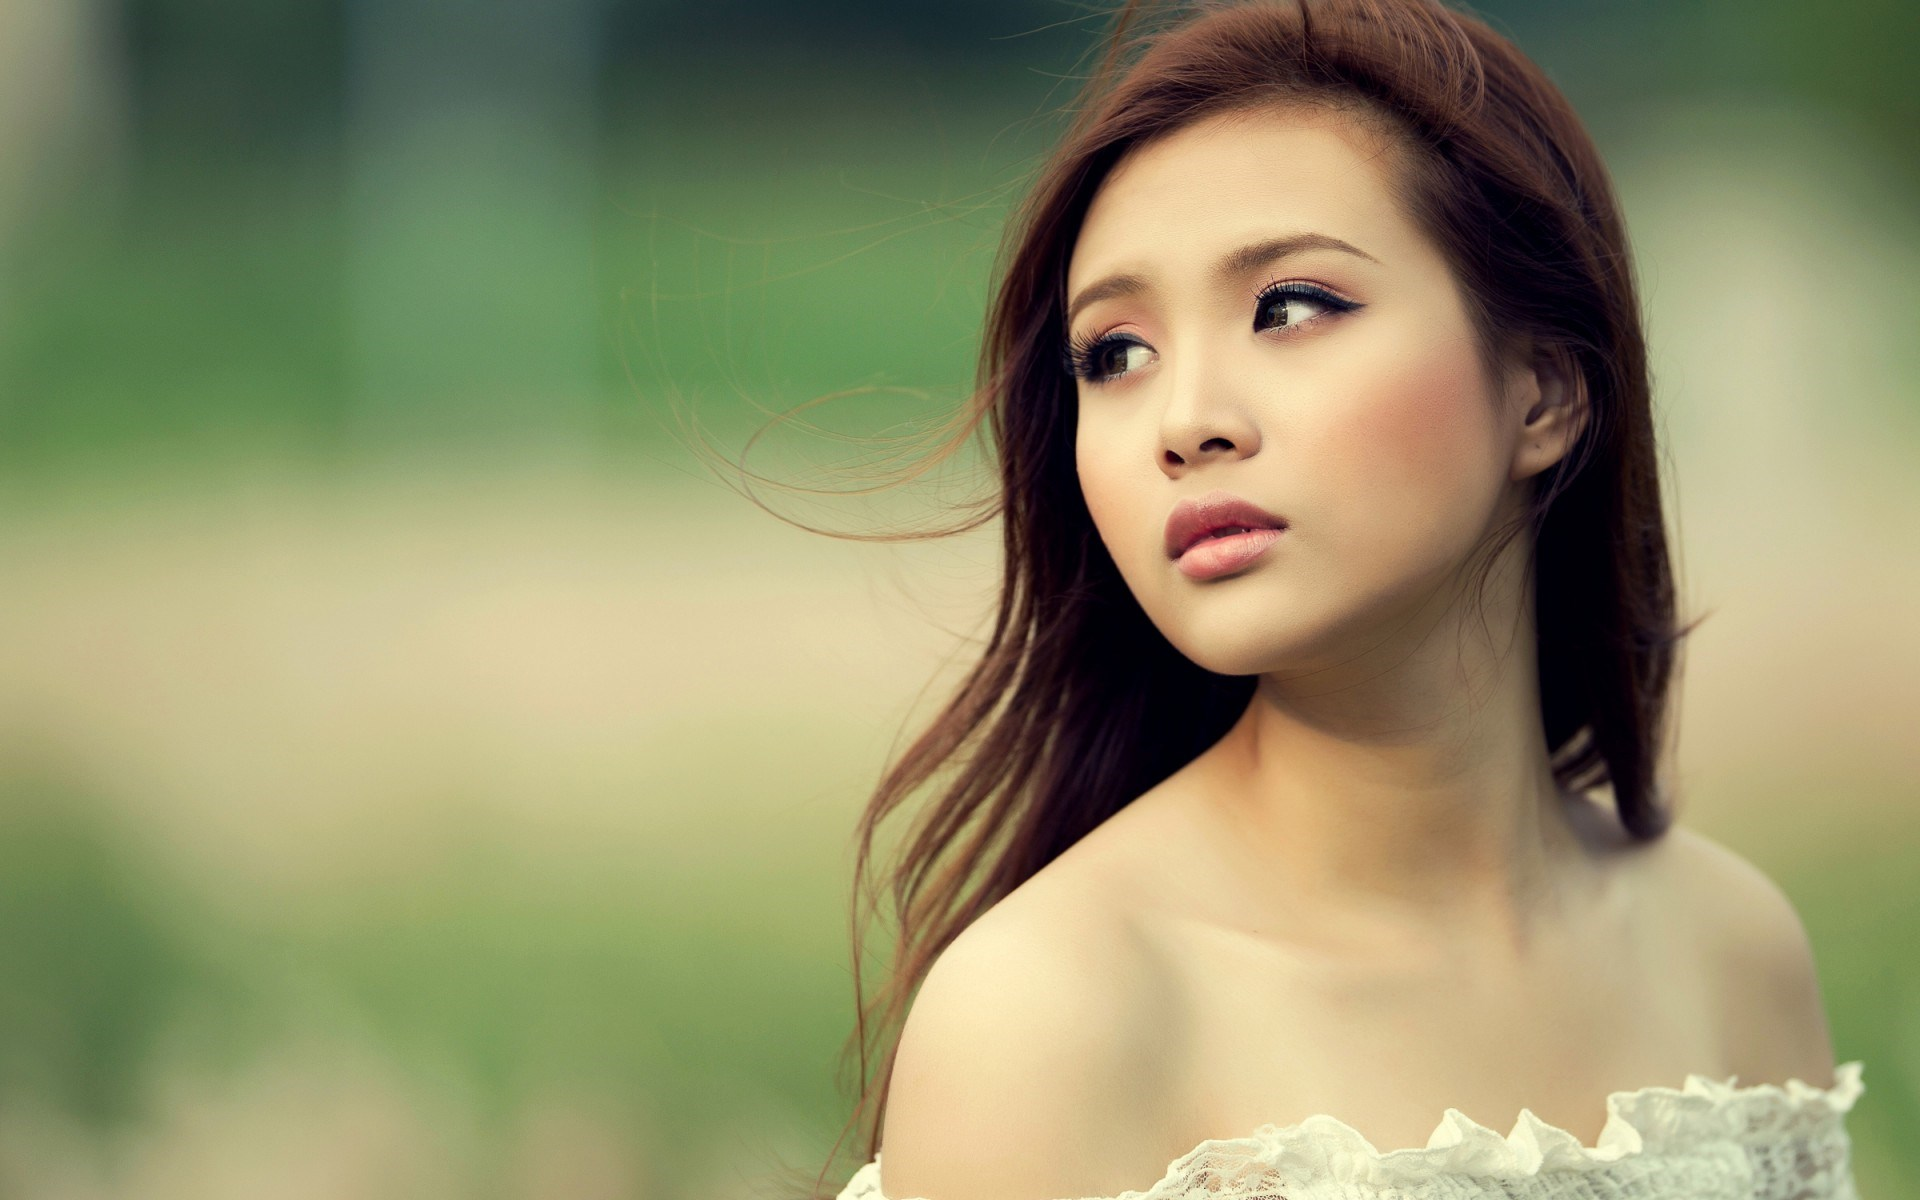 Hình ảnh gái đẹp (2)